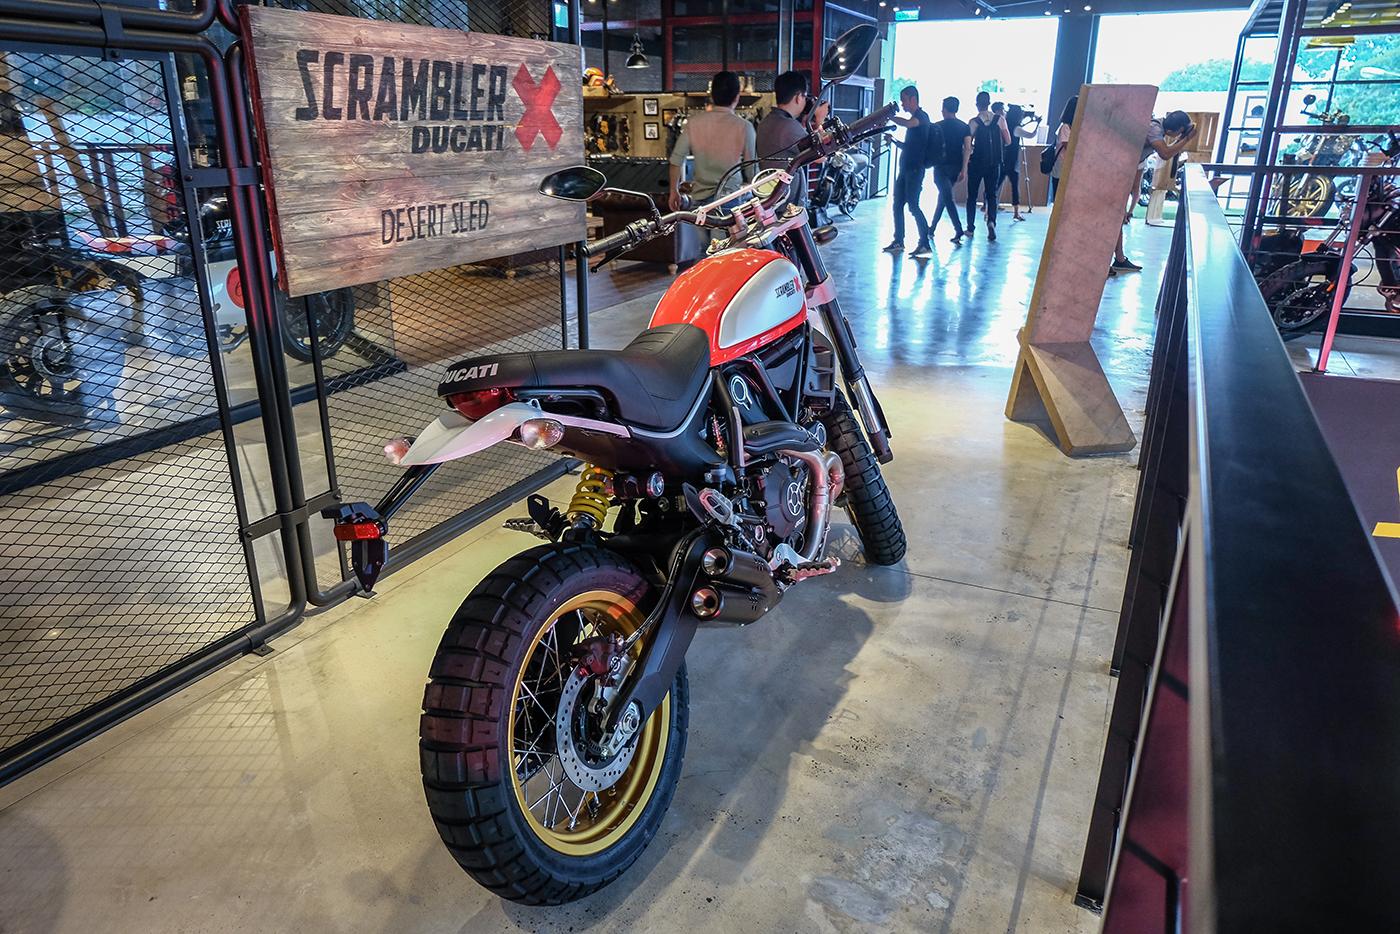 ducati-scrambler-desert-sled-12.jpg